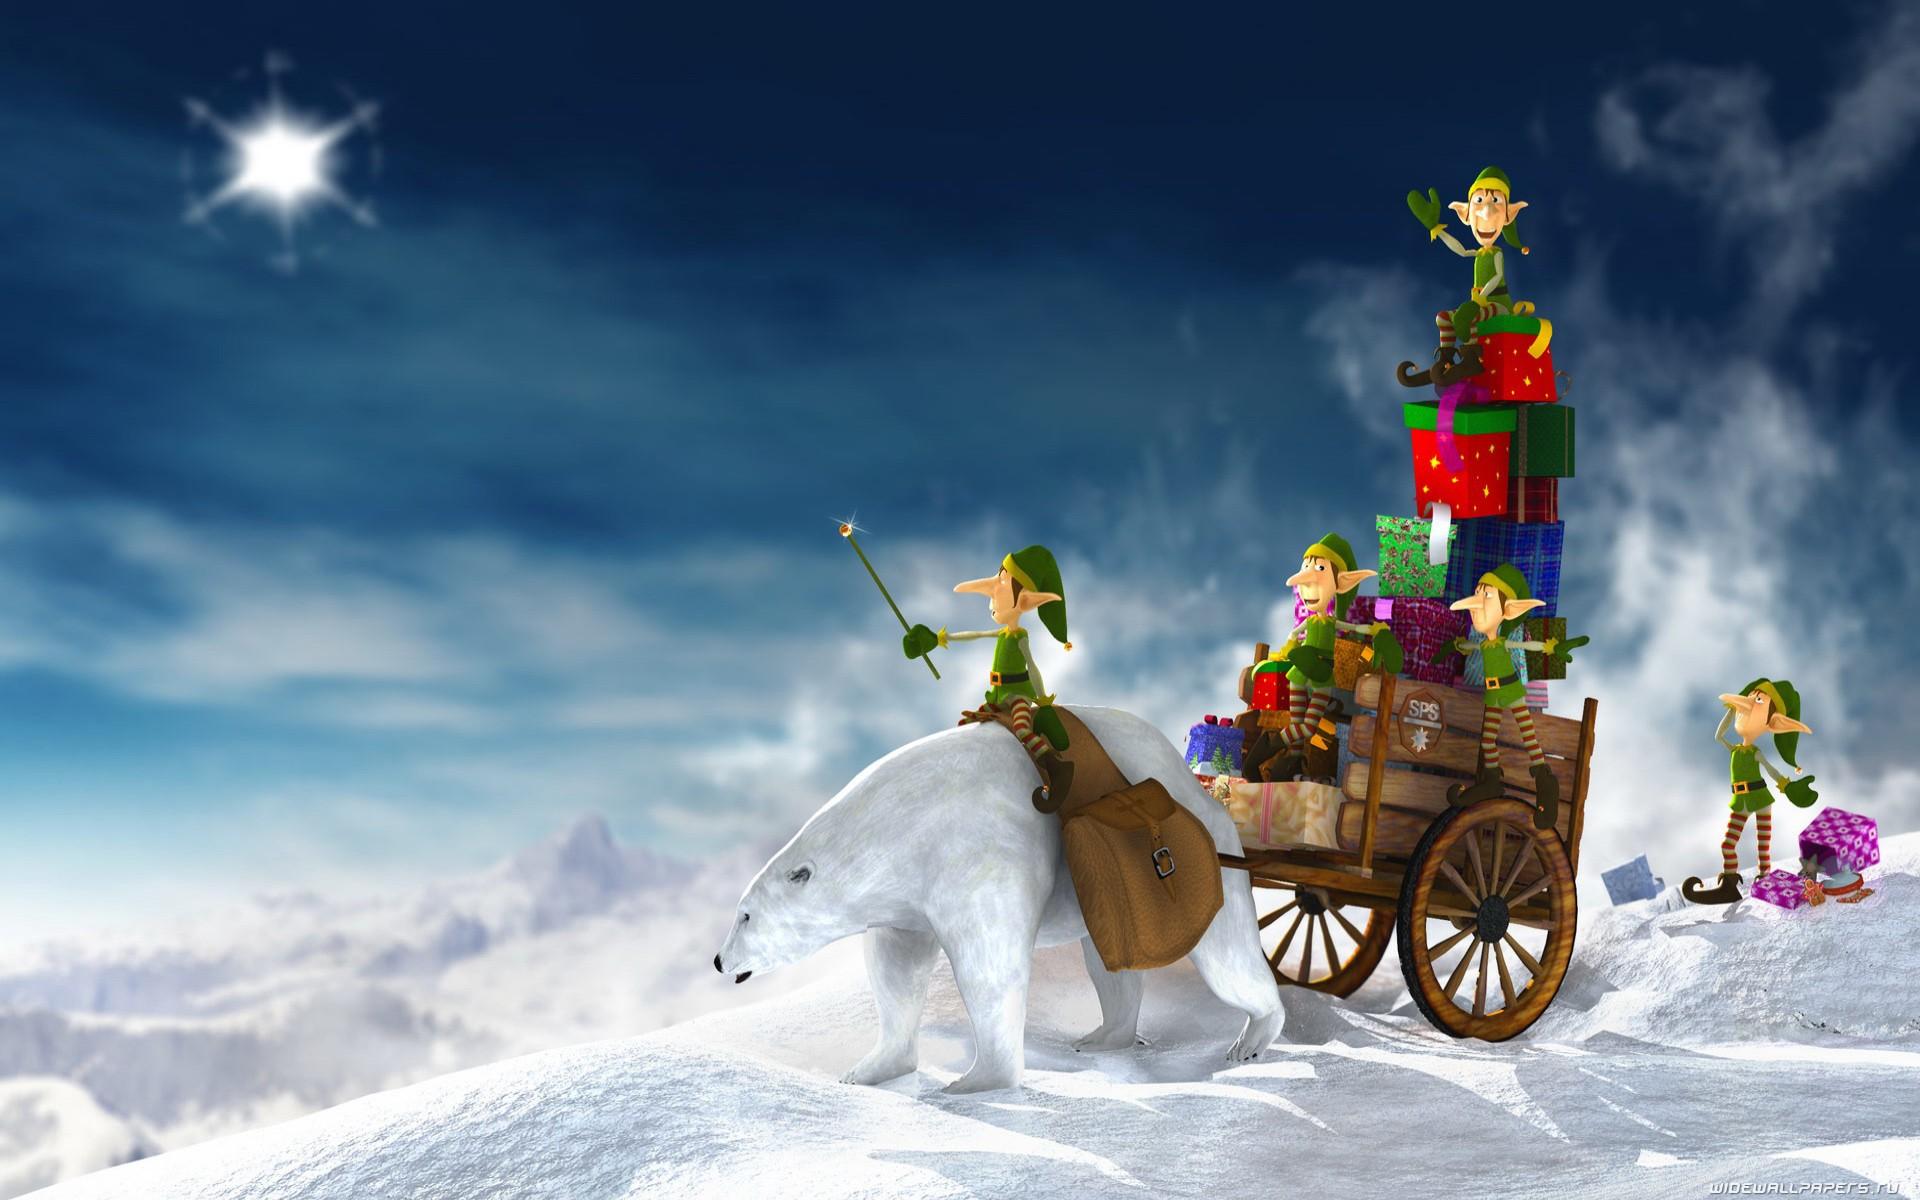 Dibujo de duendes repariendo regalos en navidad - 1920x1200